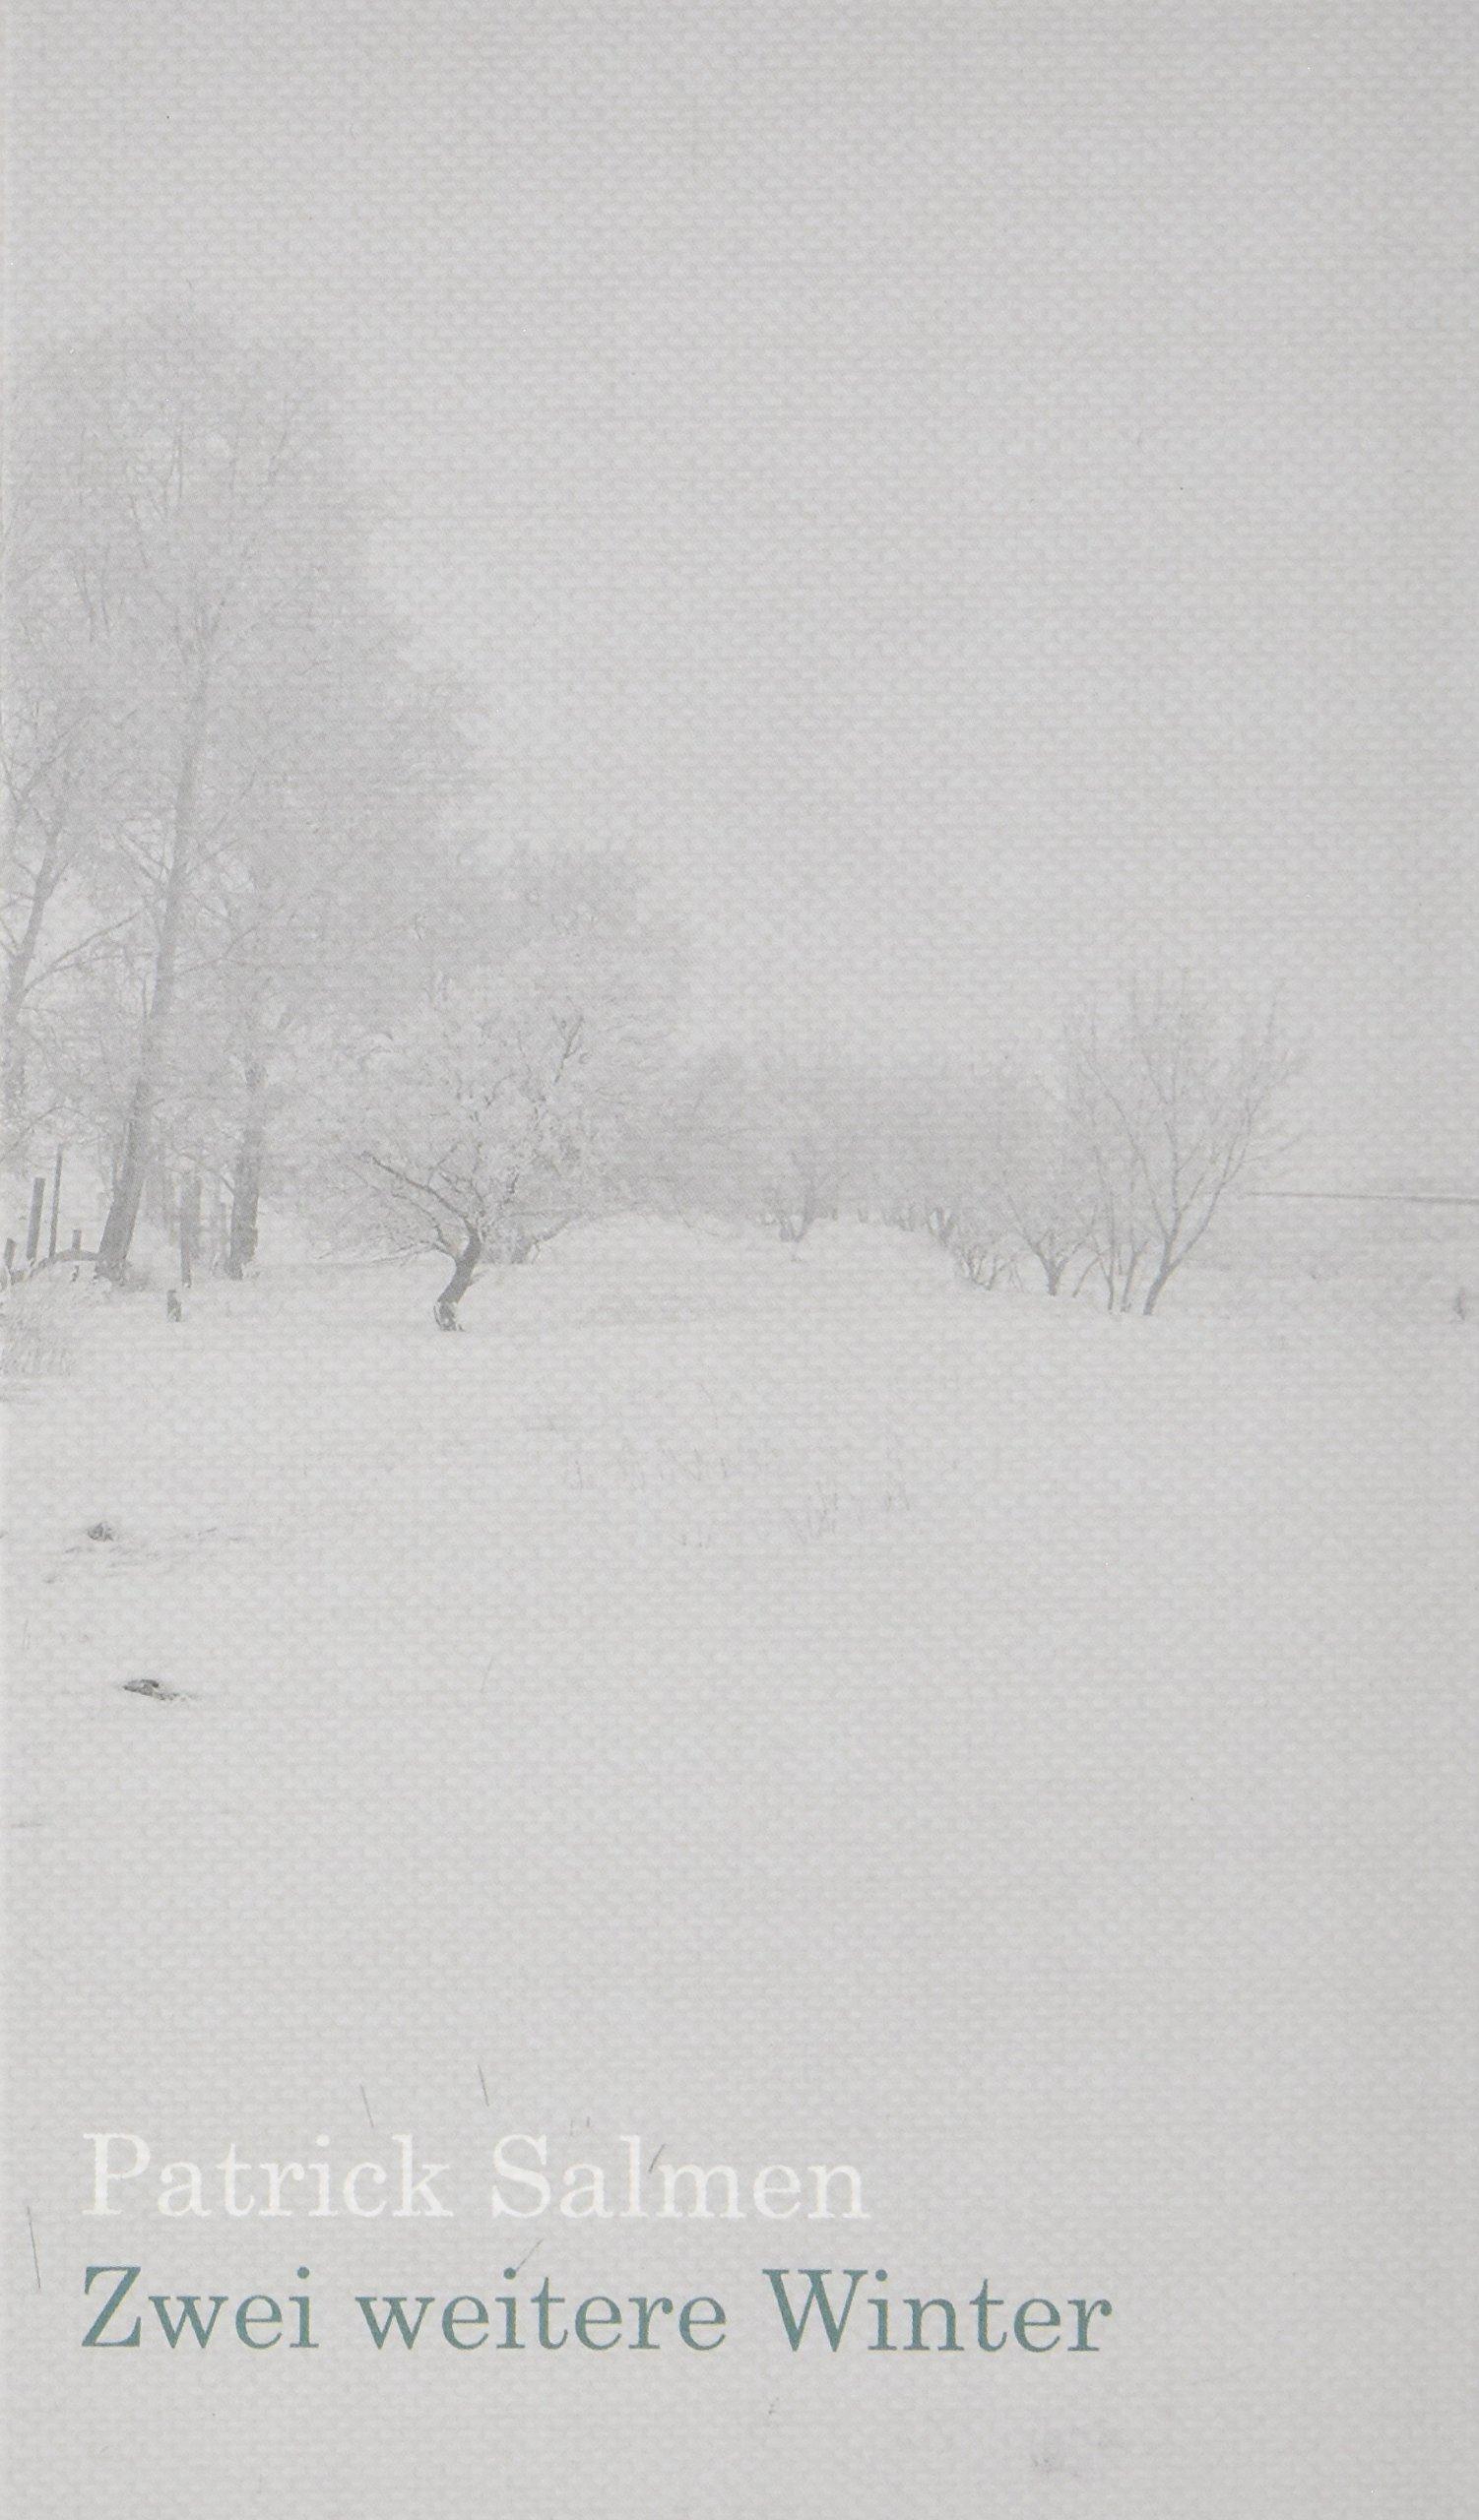 Zwei weitere Winter